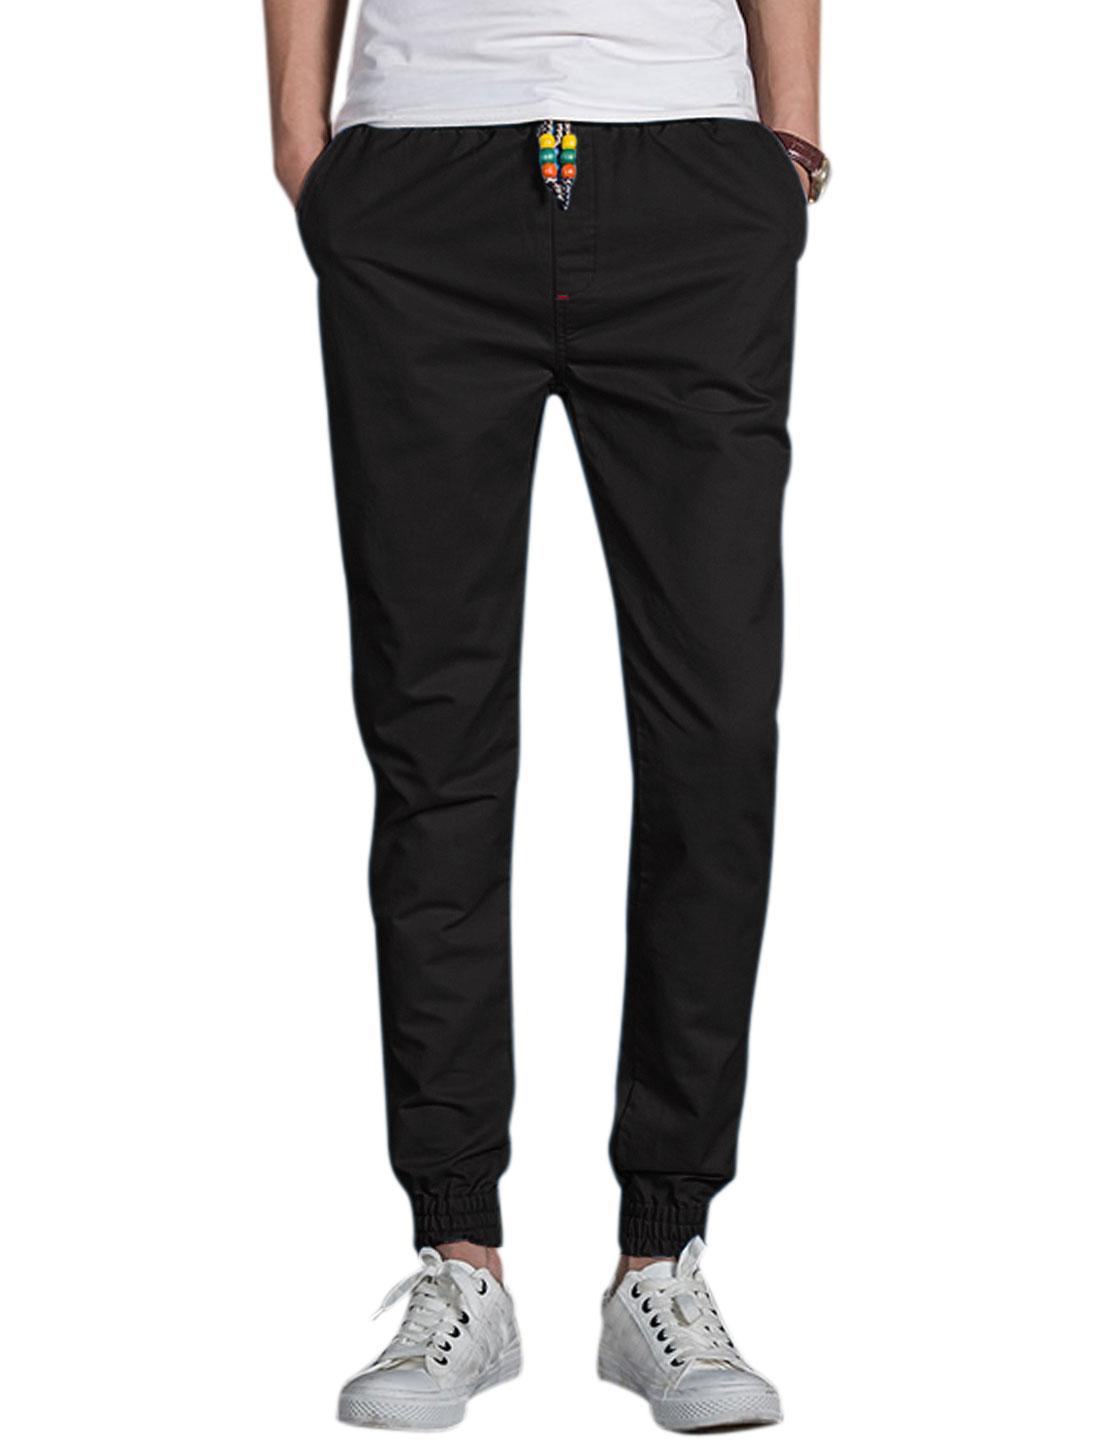 Men Elastic Waist w Cuffs Slim Fit Tapered Pants Black W32